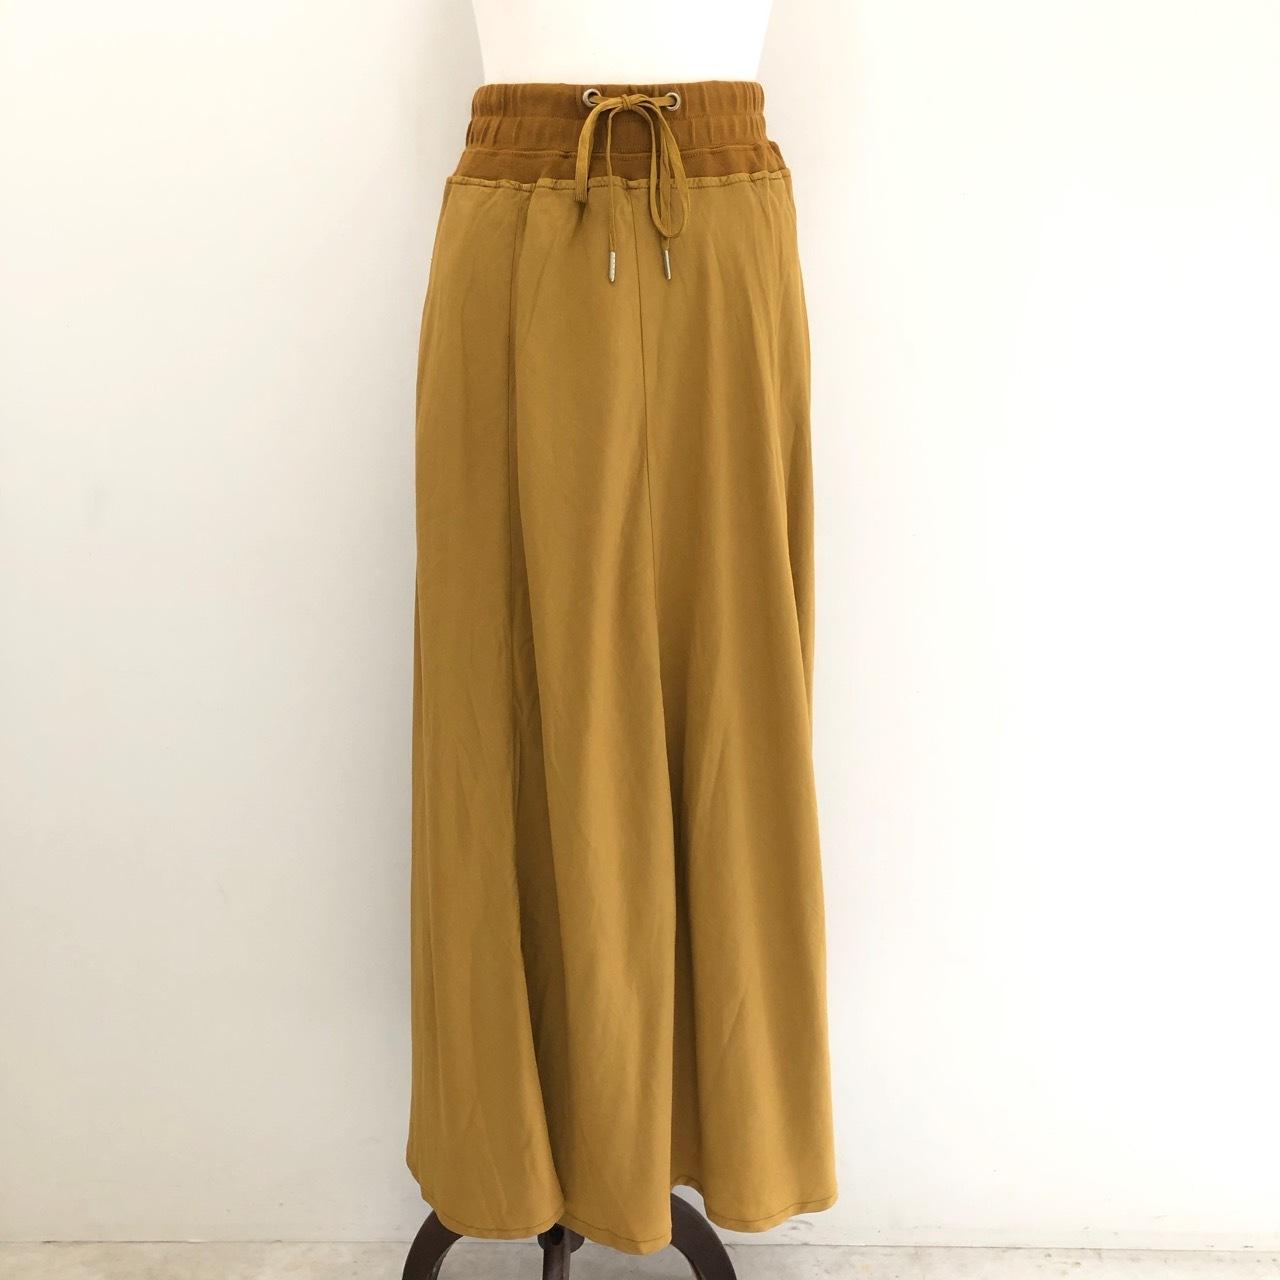 【 Flamingo Firm 】- 510017 - 8枚ハギロングスカート